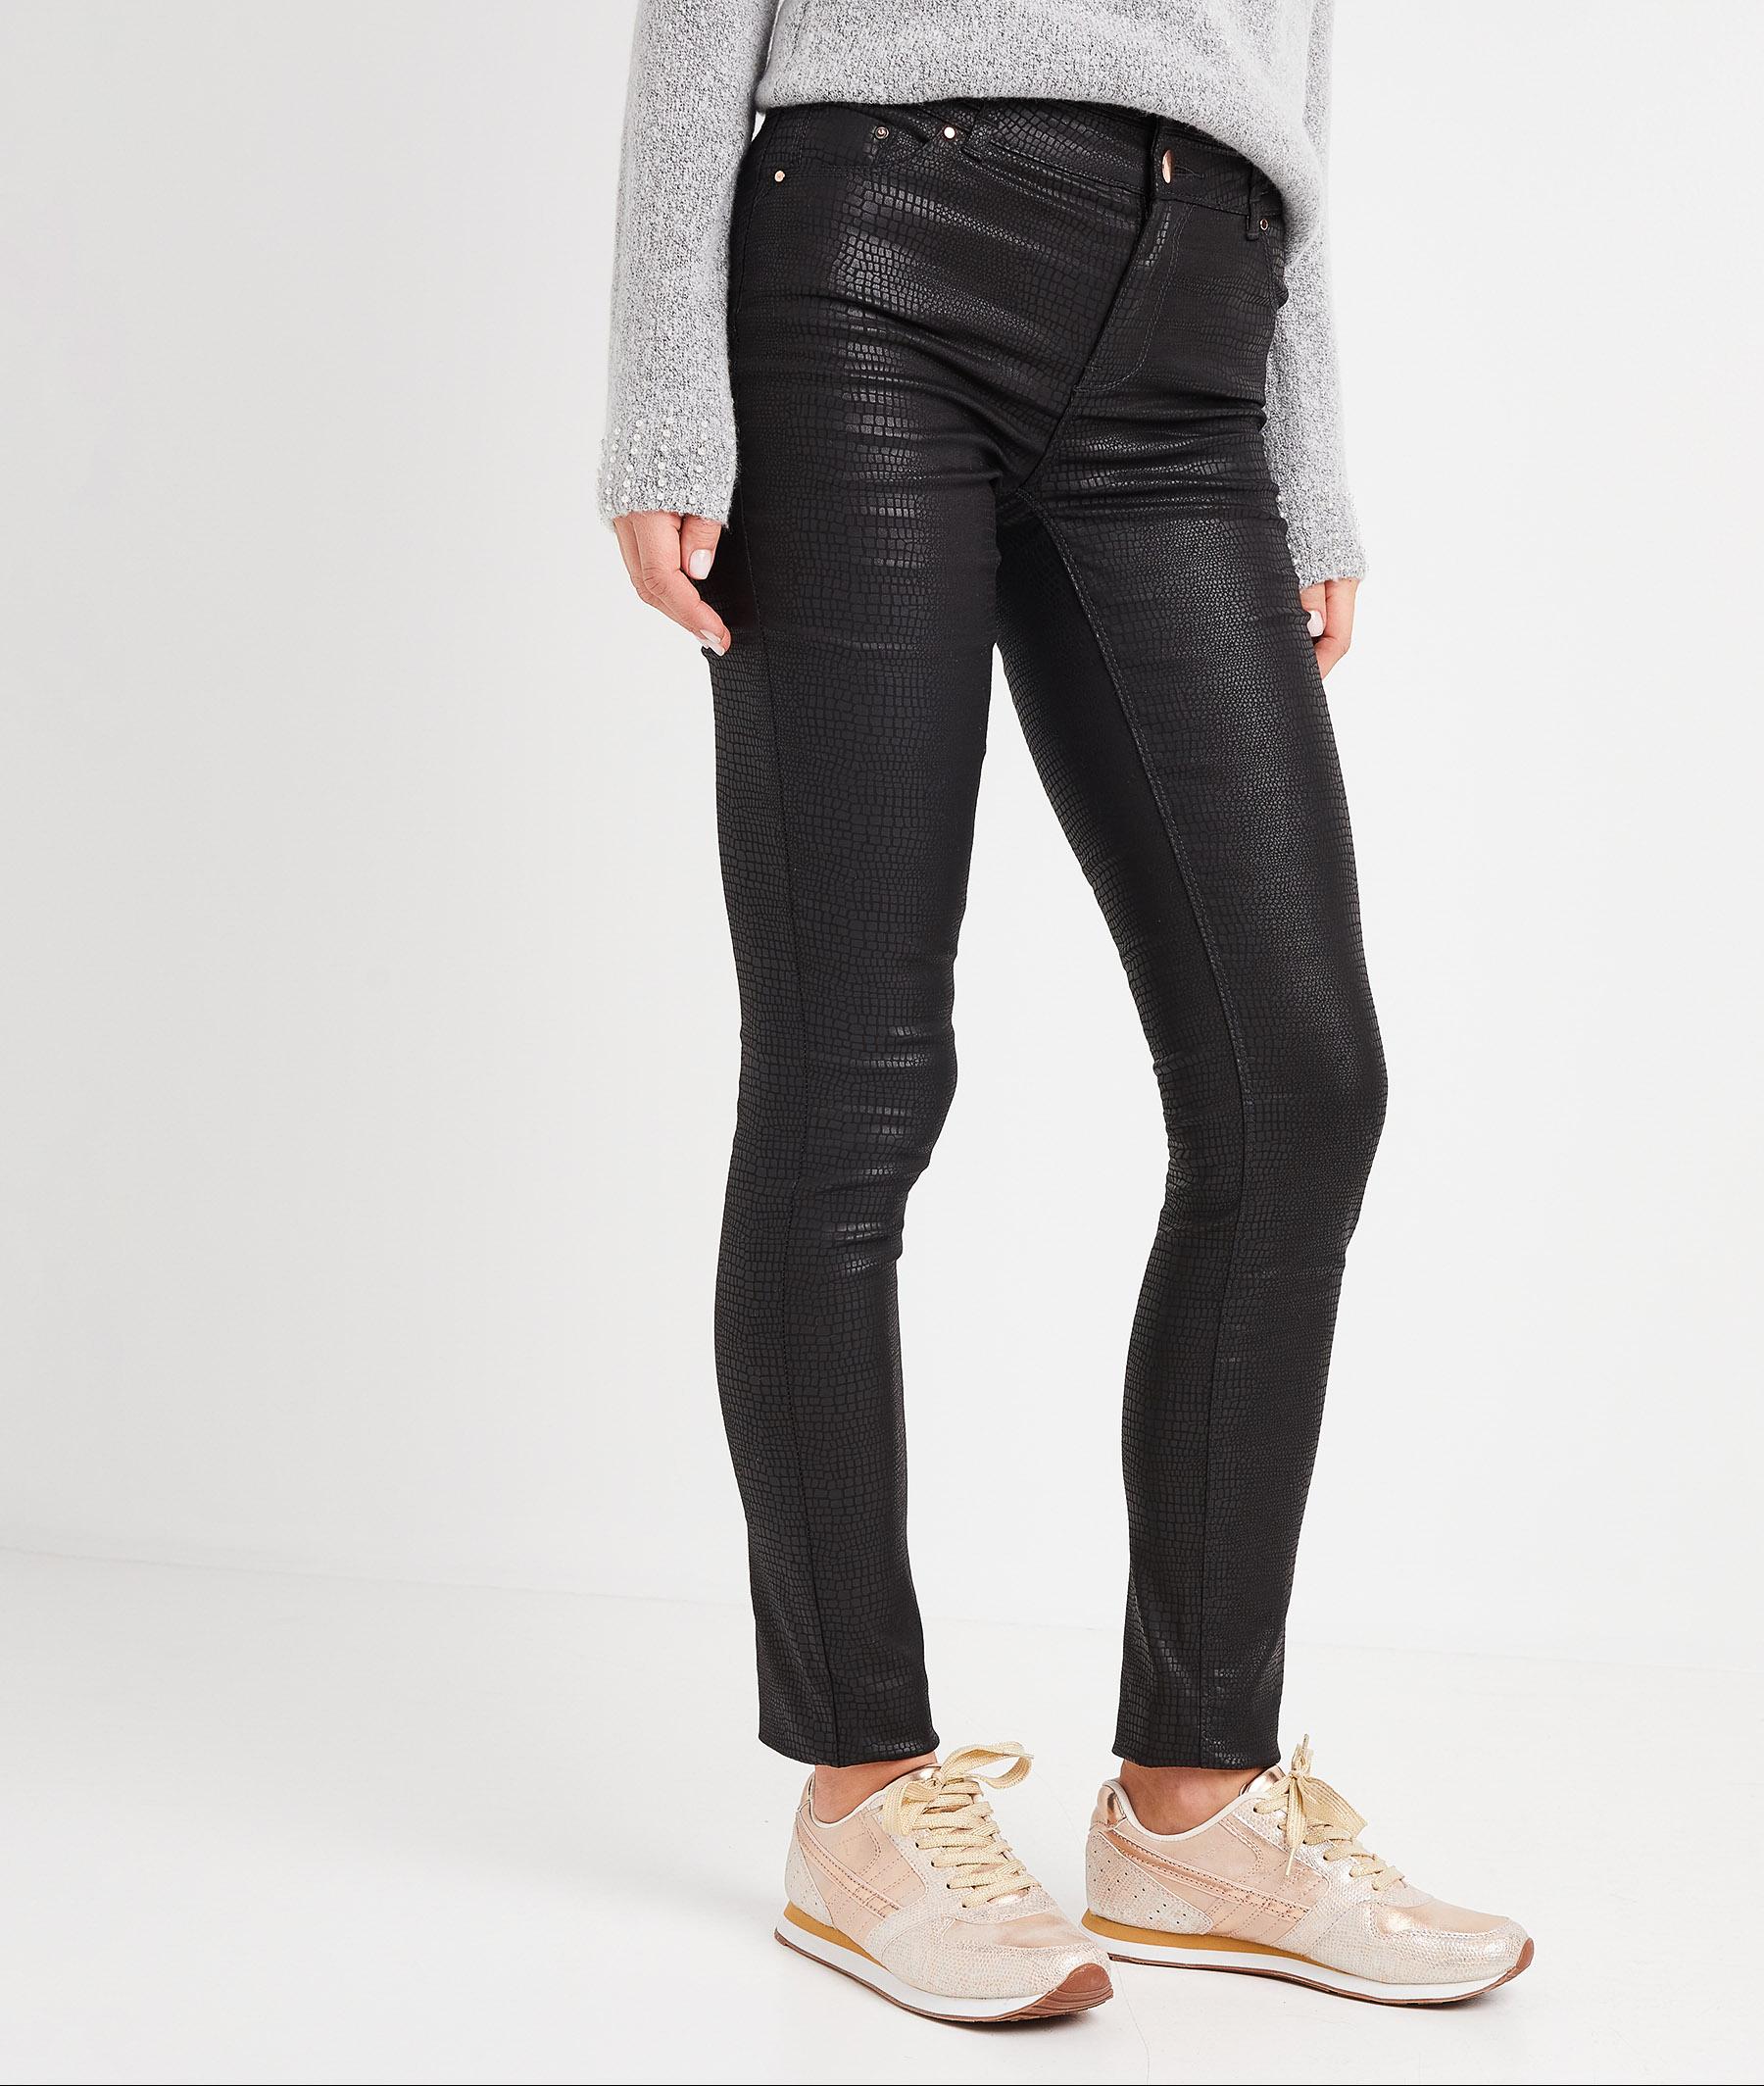 Pantalon slim taille haute enduit femme MULTICOLORE